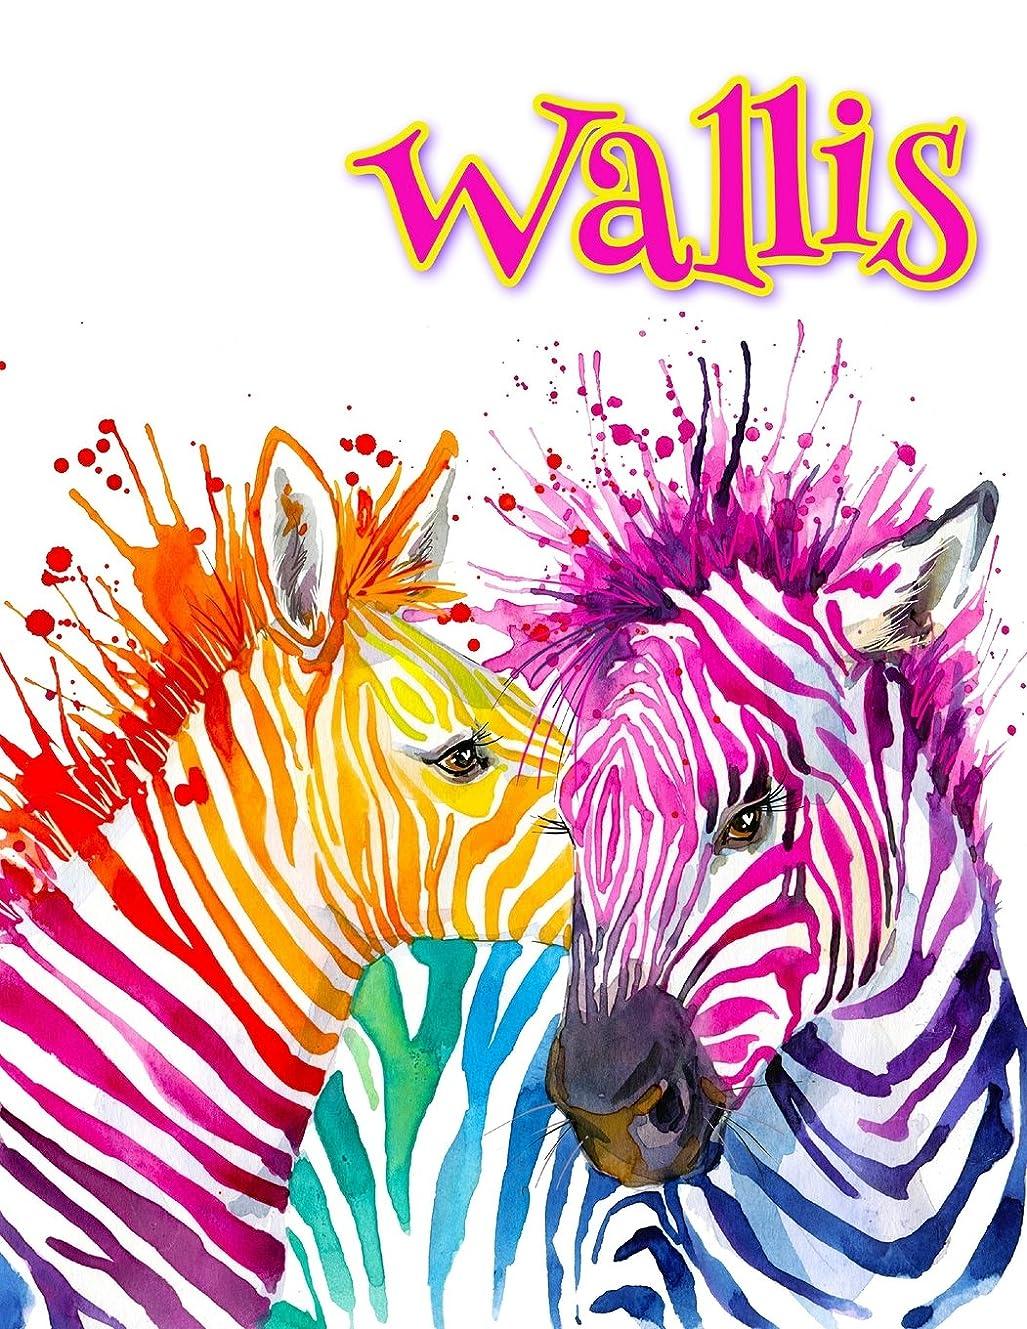 分死ぬ軽食Wallis: Rainbow Zebras, Personalized Journal, Diary, Notebook, 105 Lined Pages, Christmas, Birthday, Friendship Gifts for Girls, Teens and Women, Book Size 8 1/2